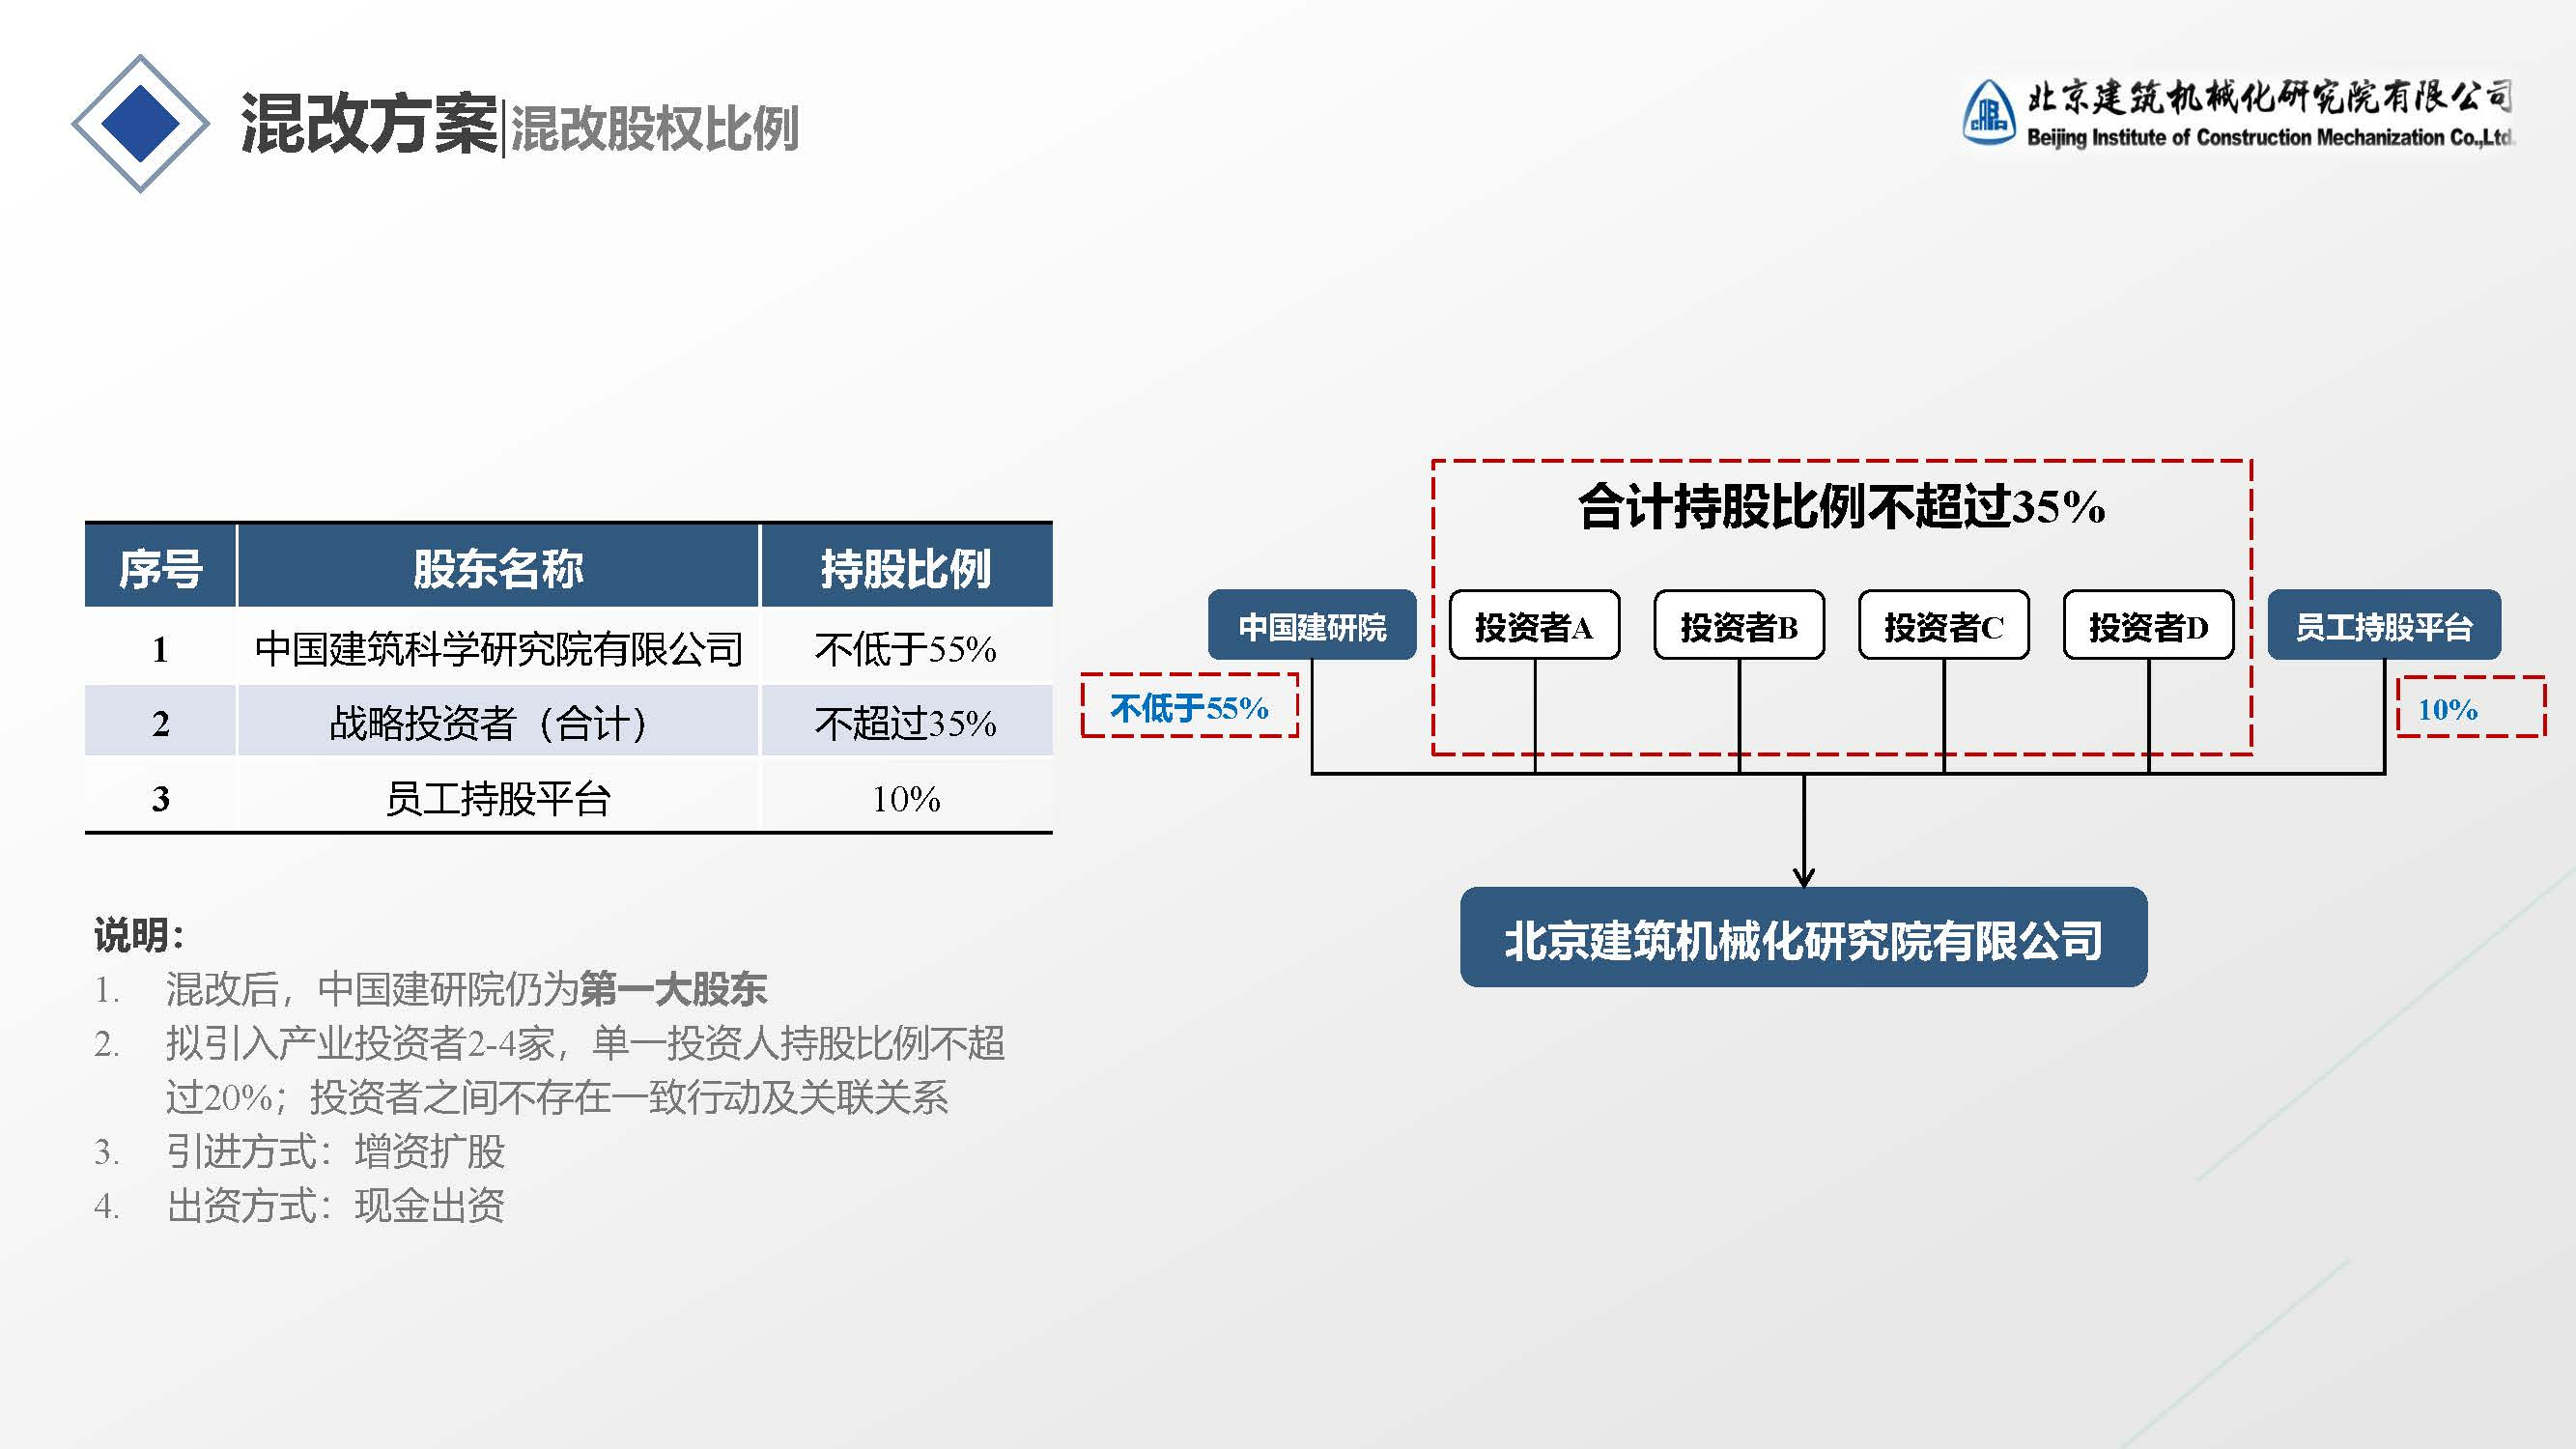 北京建筑机械化研究院有限公司